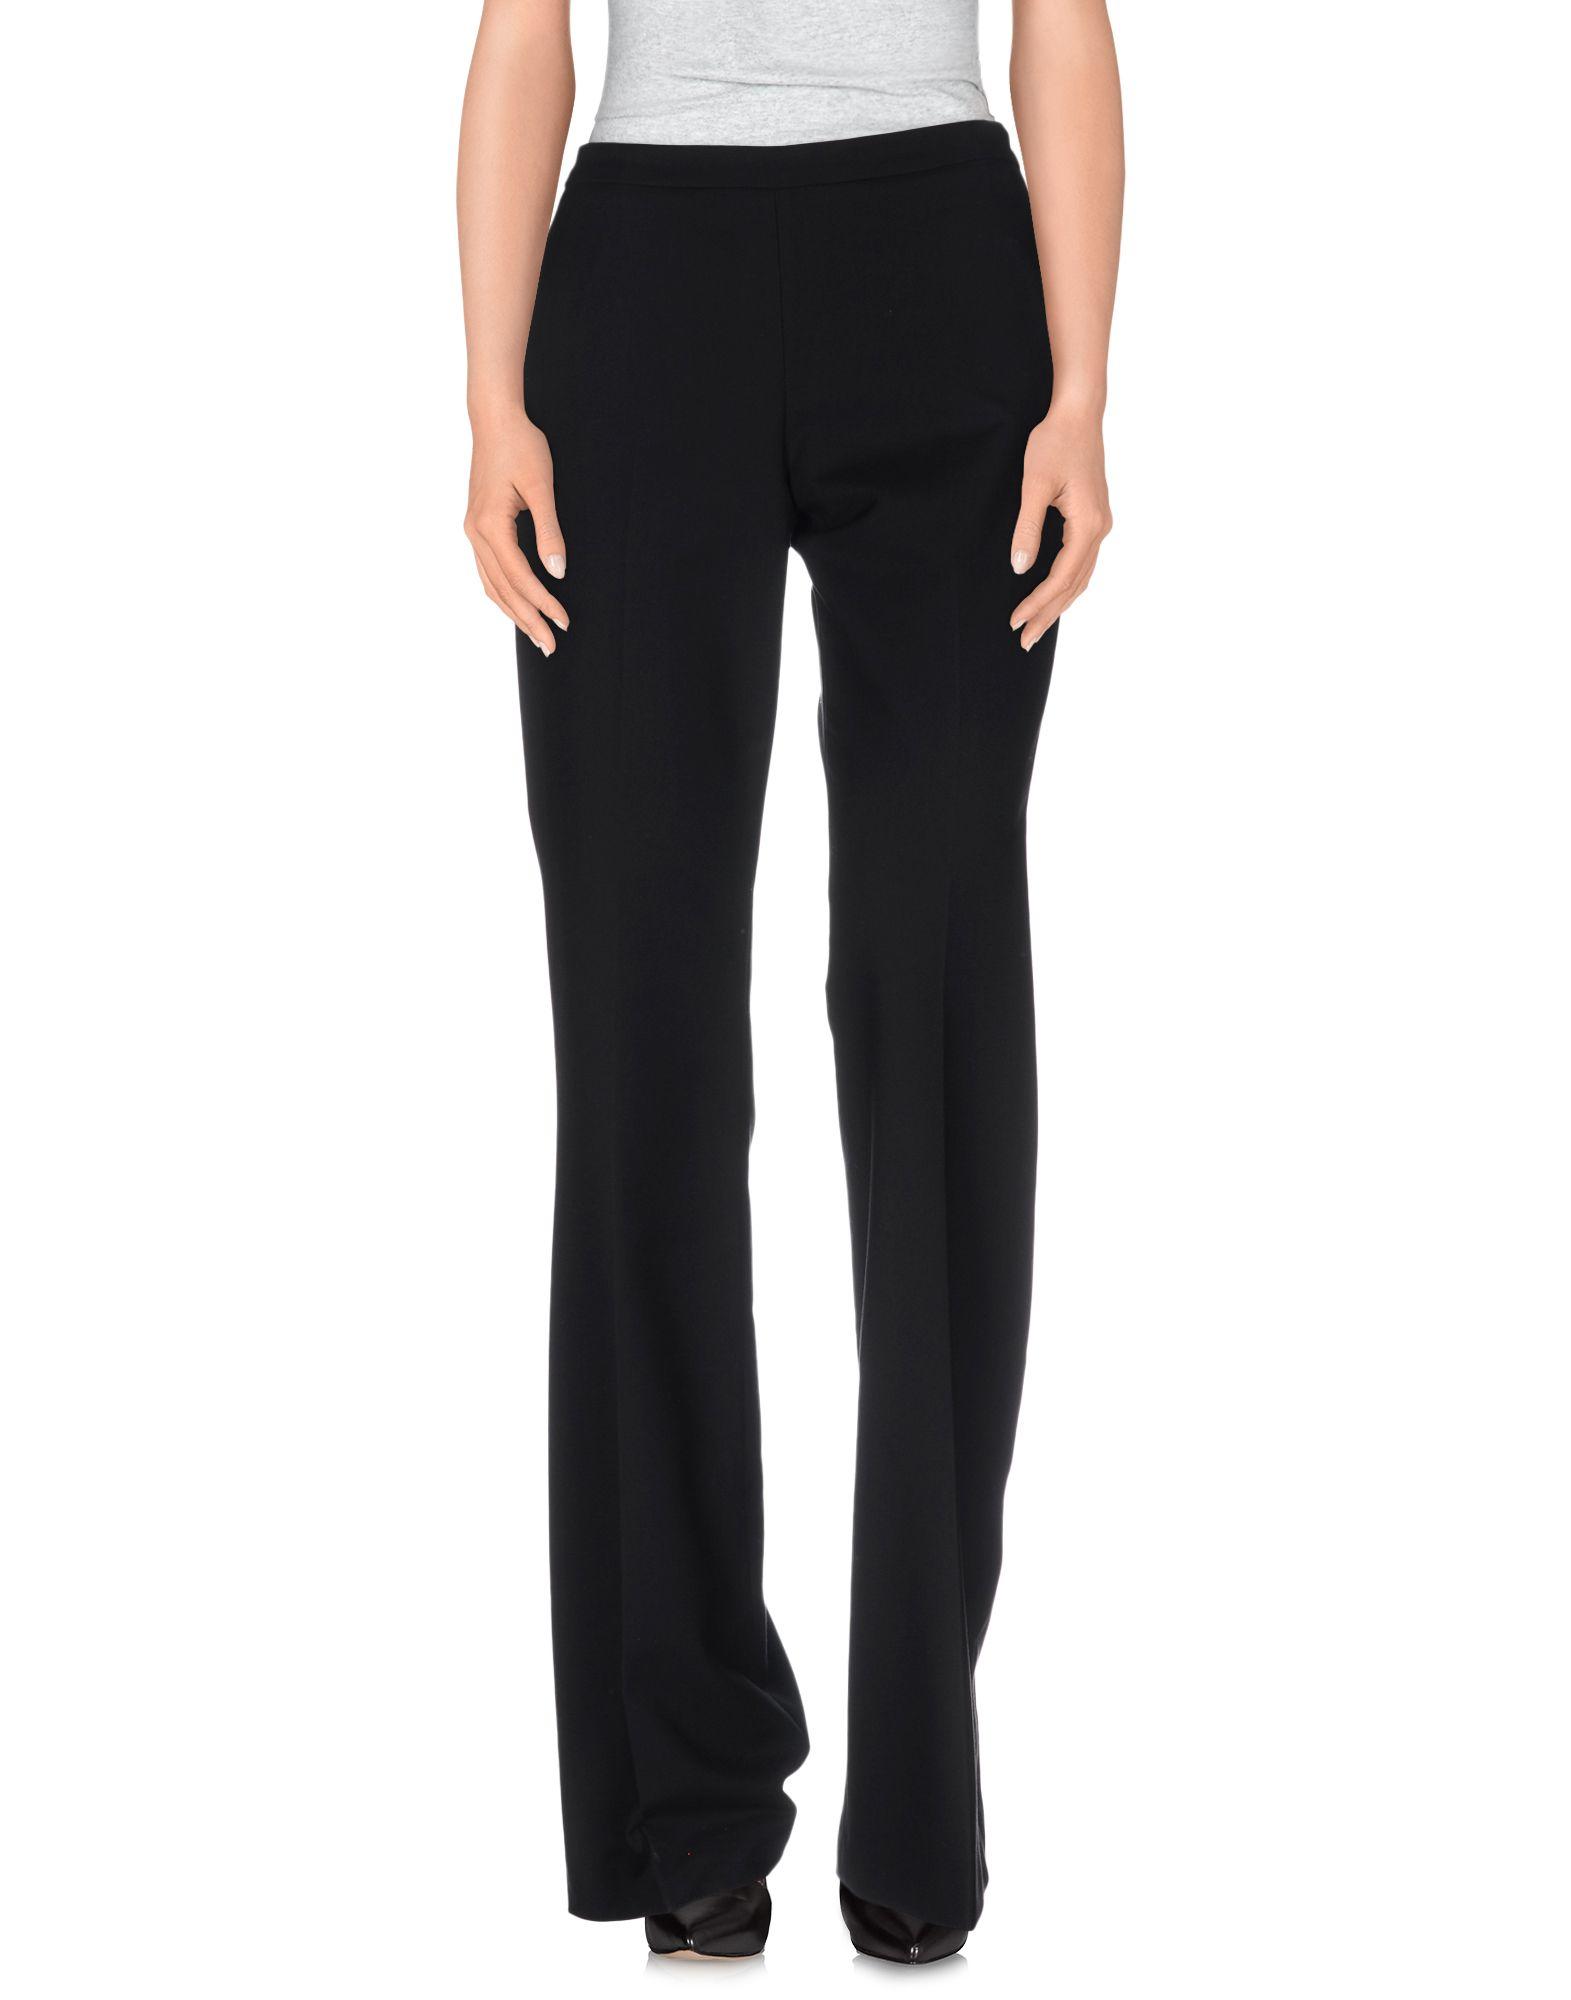 Pantalone Giamba Donna - Acquista online su POiNV